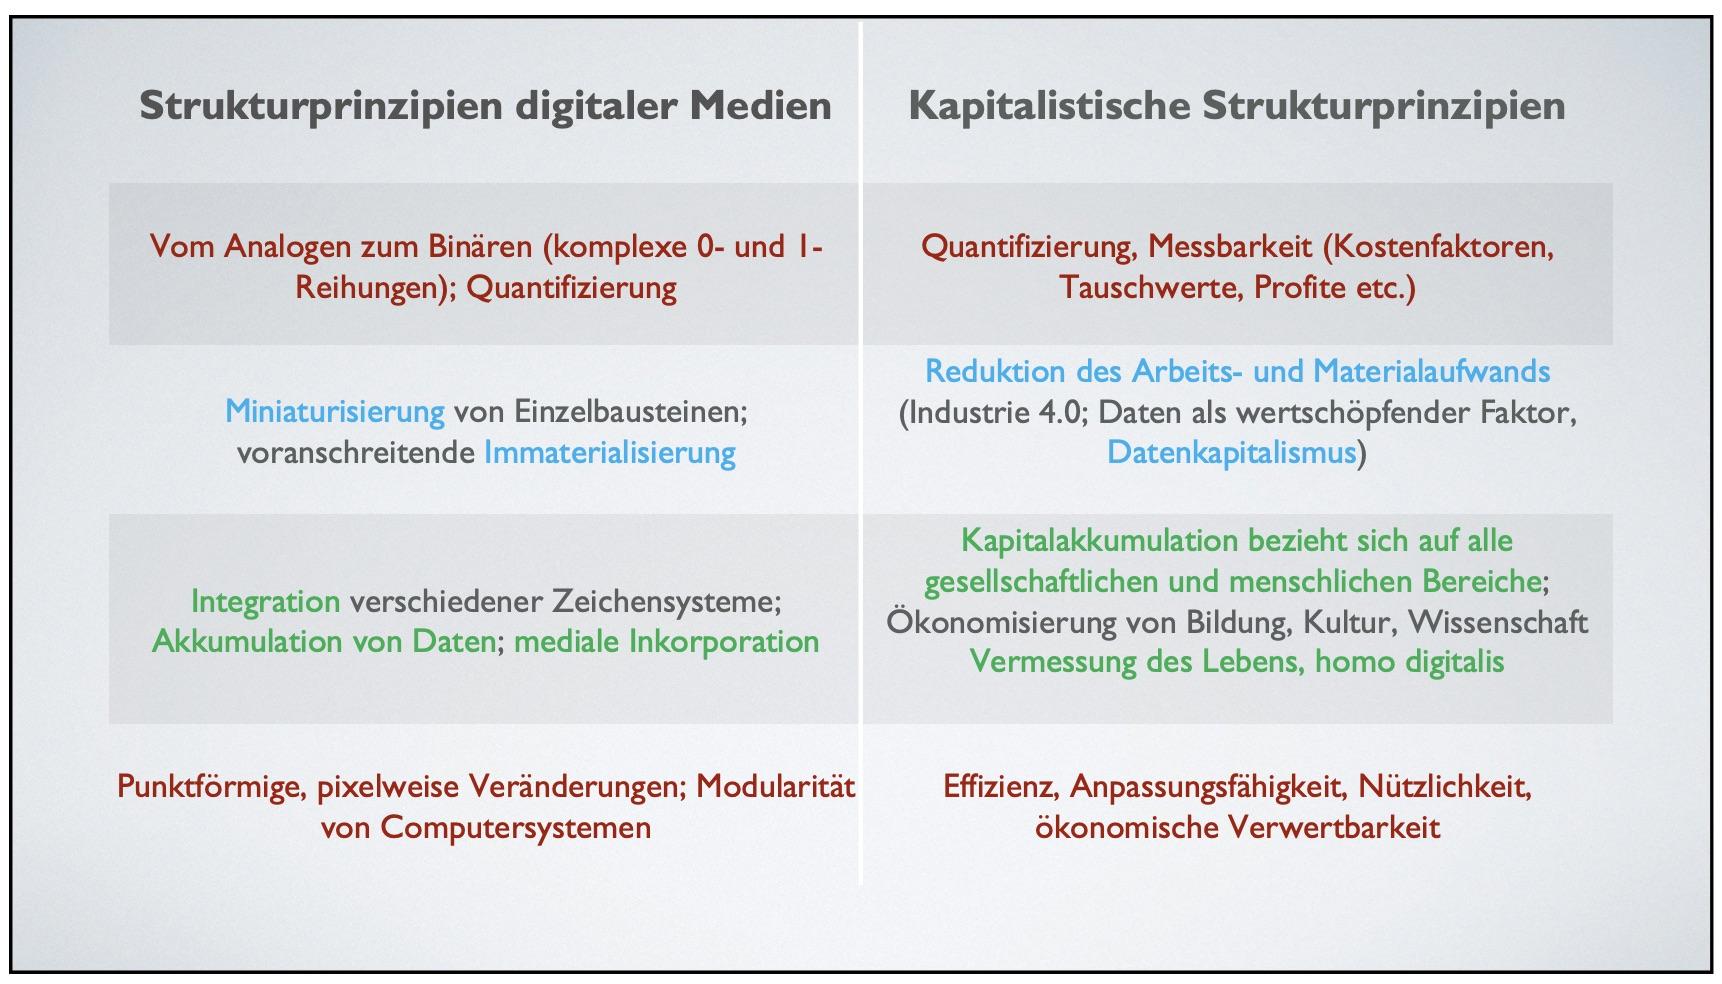 Folie aus dem Vortrag von Horst Niesyto: Macht der Internetkonzerne – Ohnmacht der Medienpädagogik? (15.03.2017, 40. Stuttgarter Tage der Medienpädagogik)